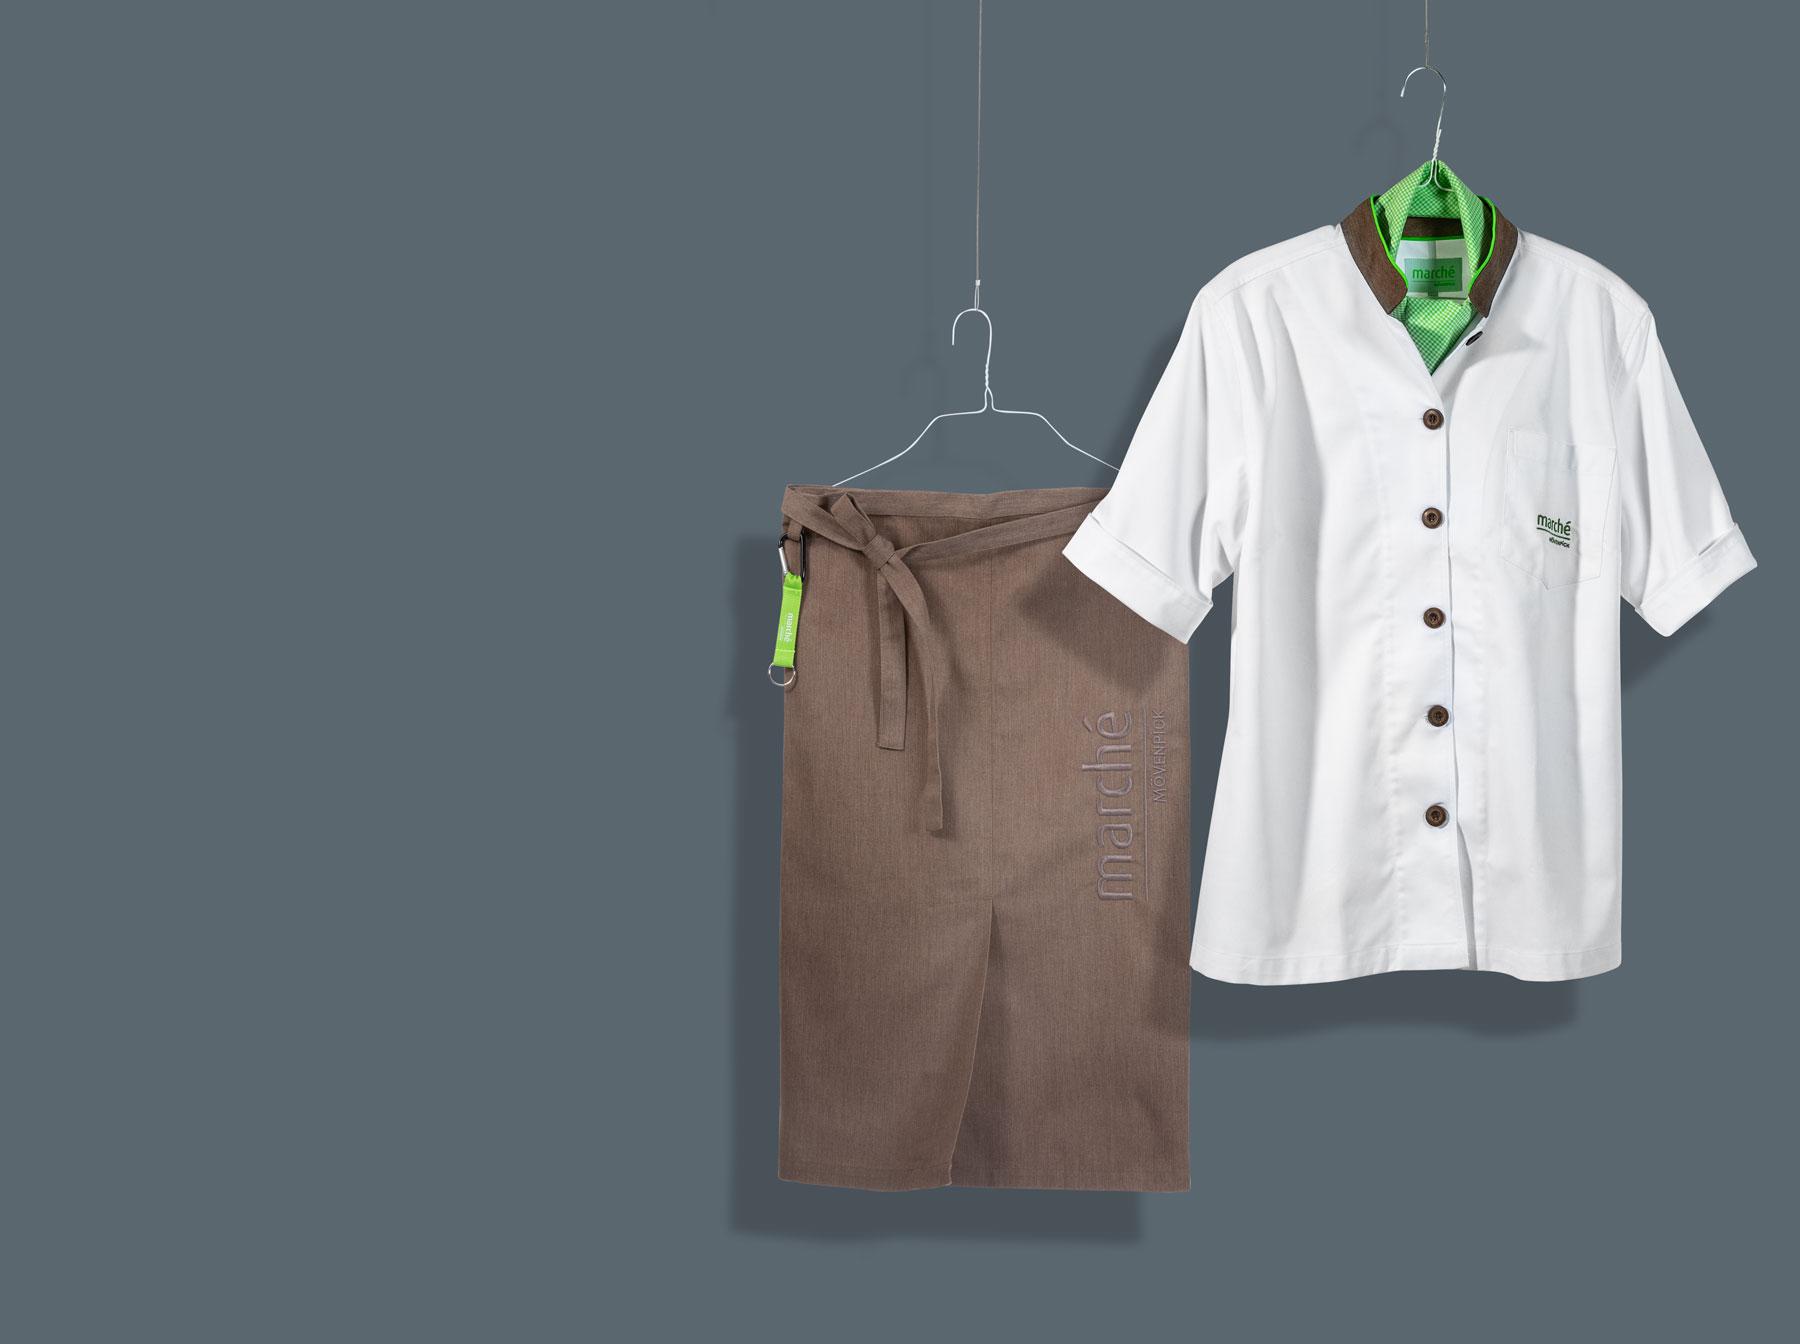 weißes Hemd und braune Schürze für die Mitarbeiter von Marche